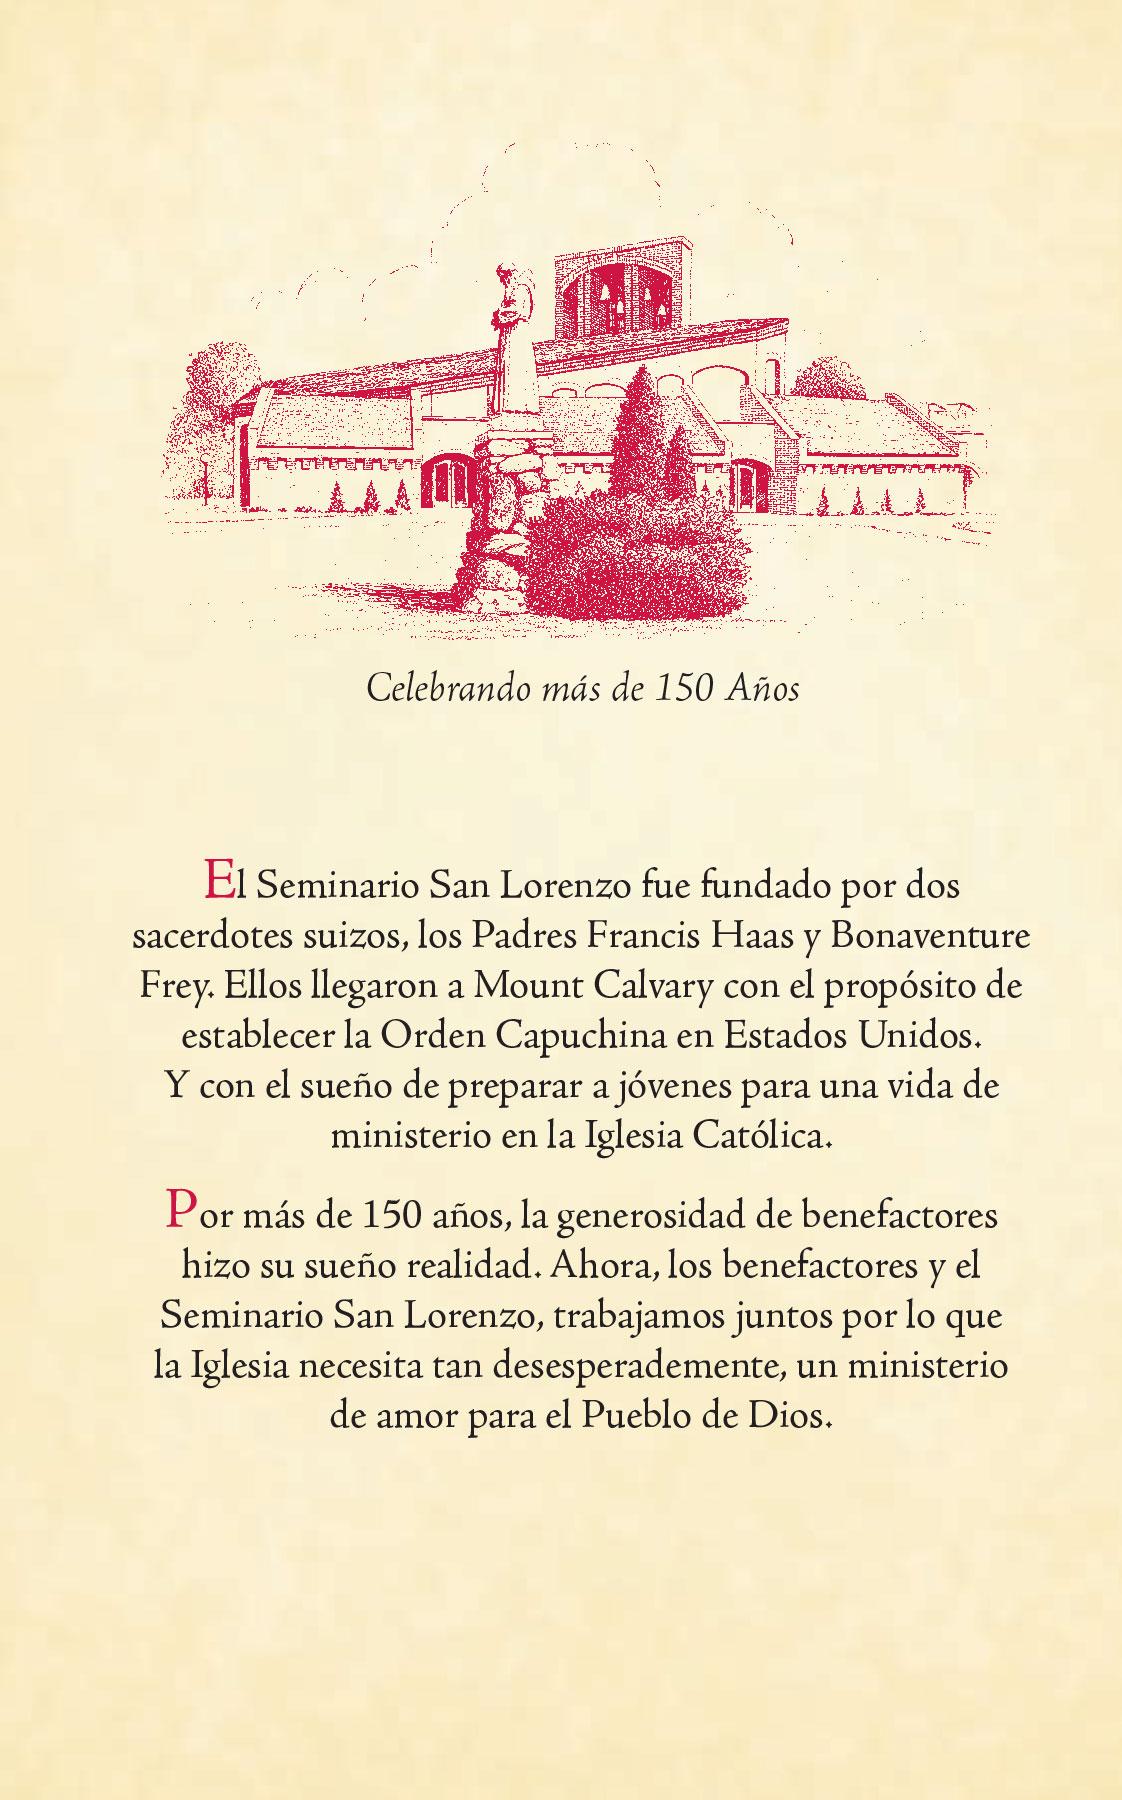 Divino Niño Jesús - Seminario San Lorenzo